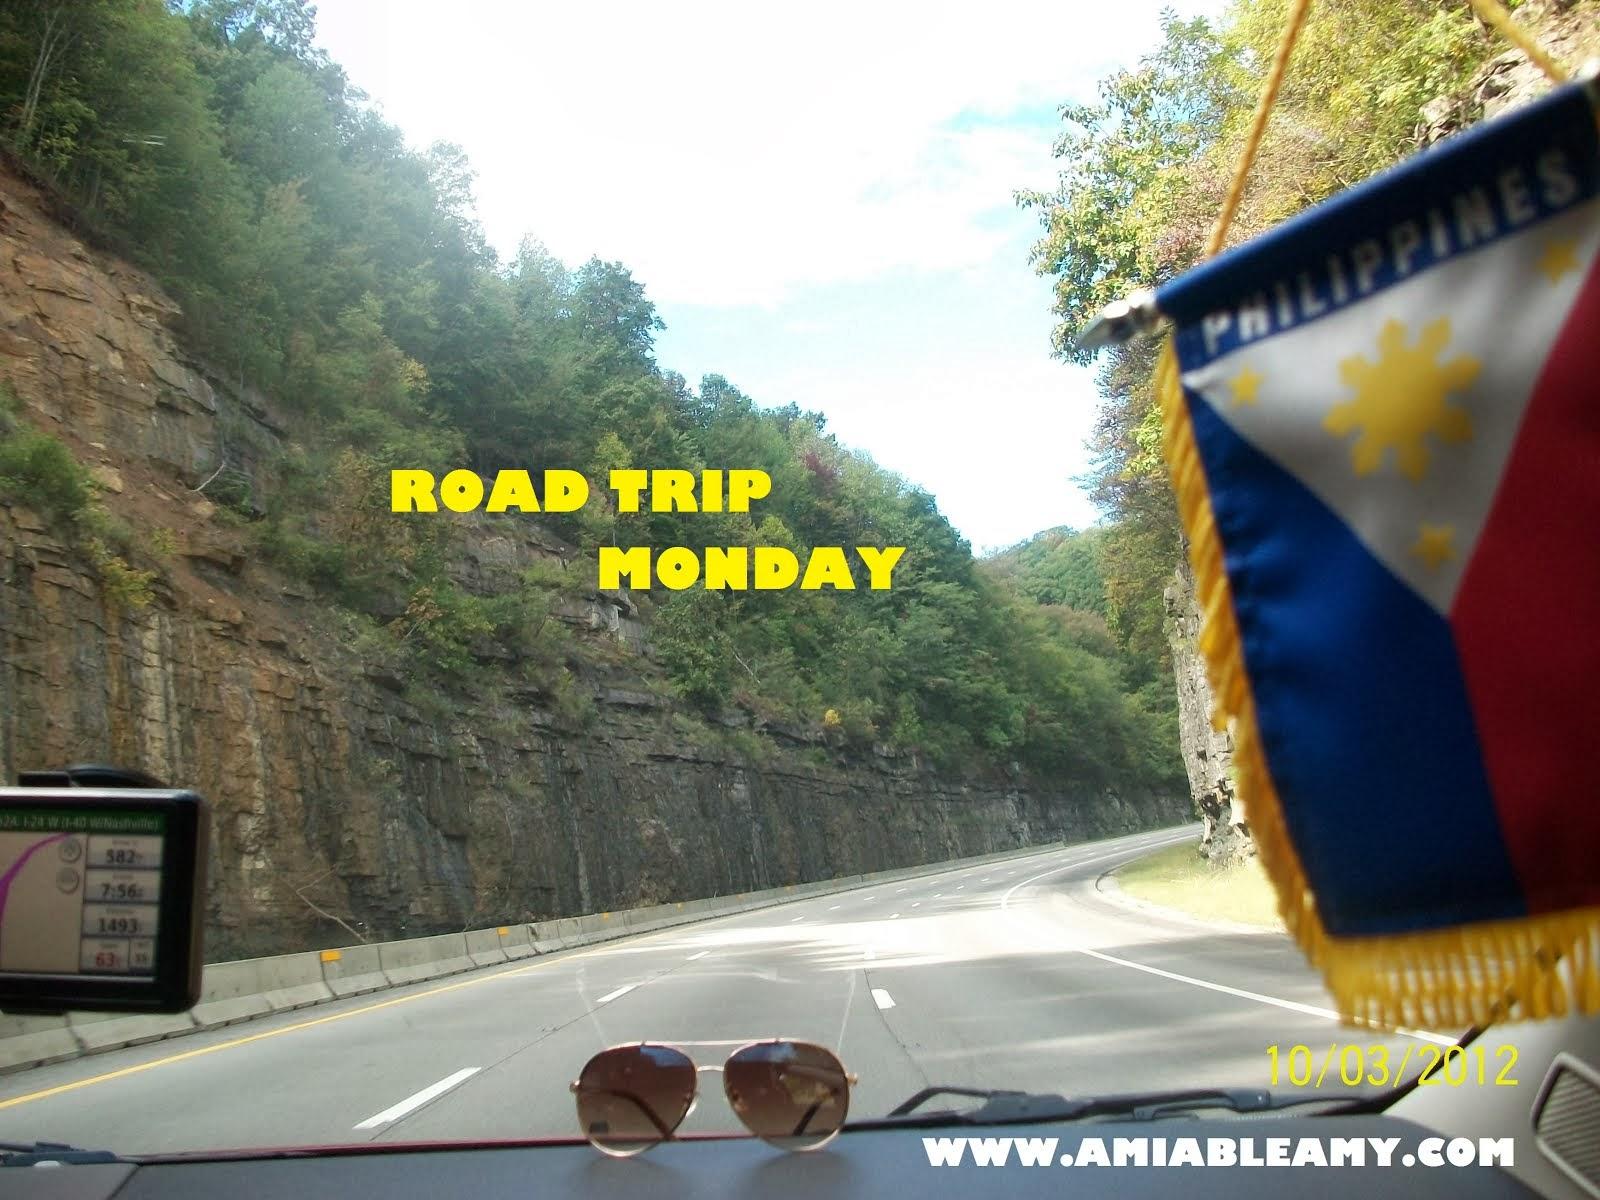 ROAD TRIP MONDAY